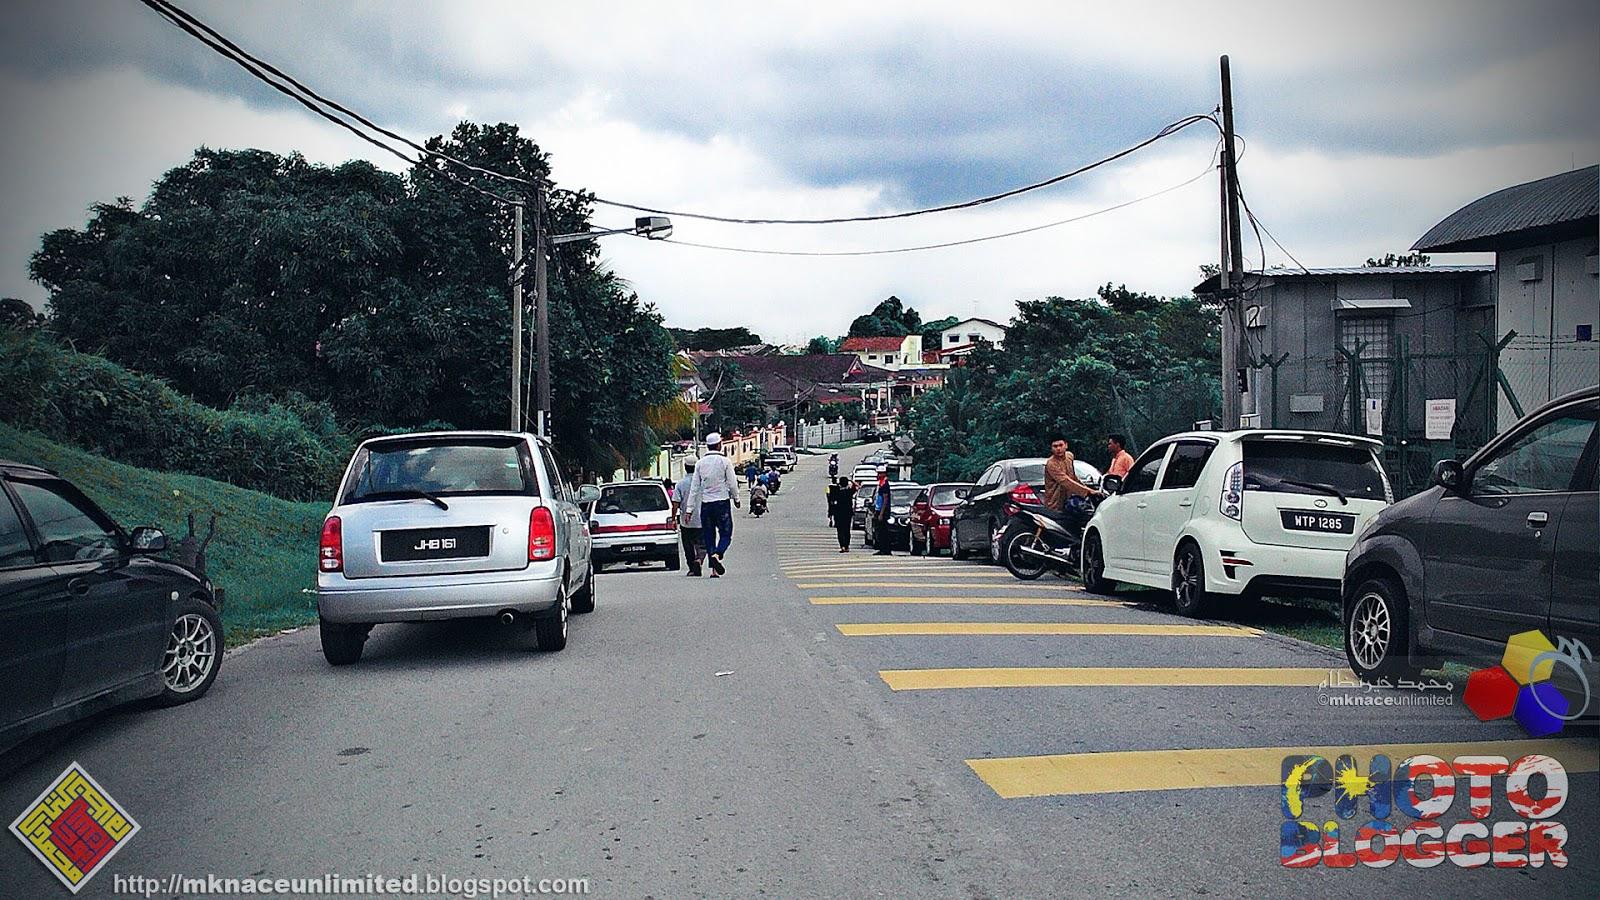 Khutbah Jumaat Johor 2019